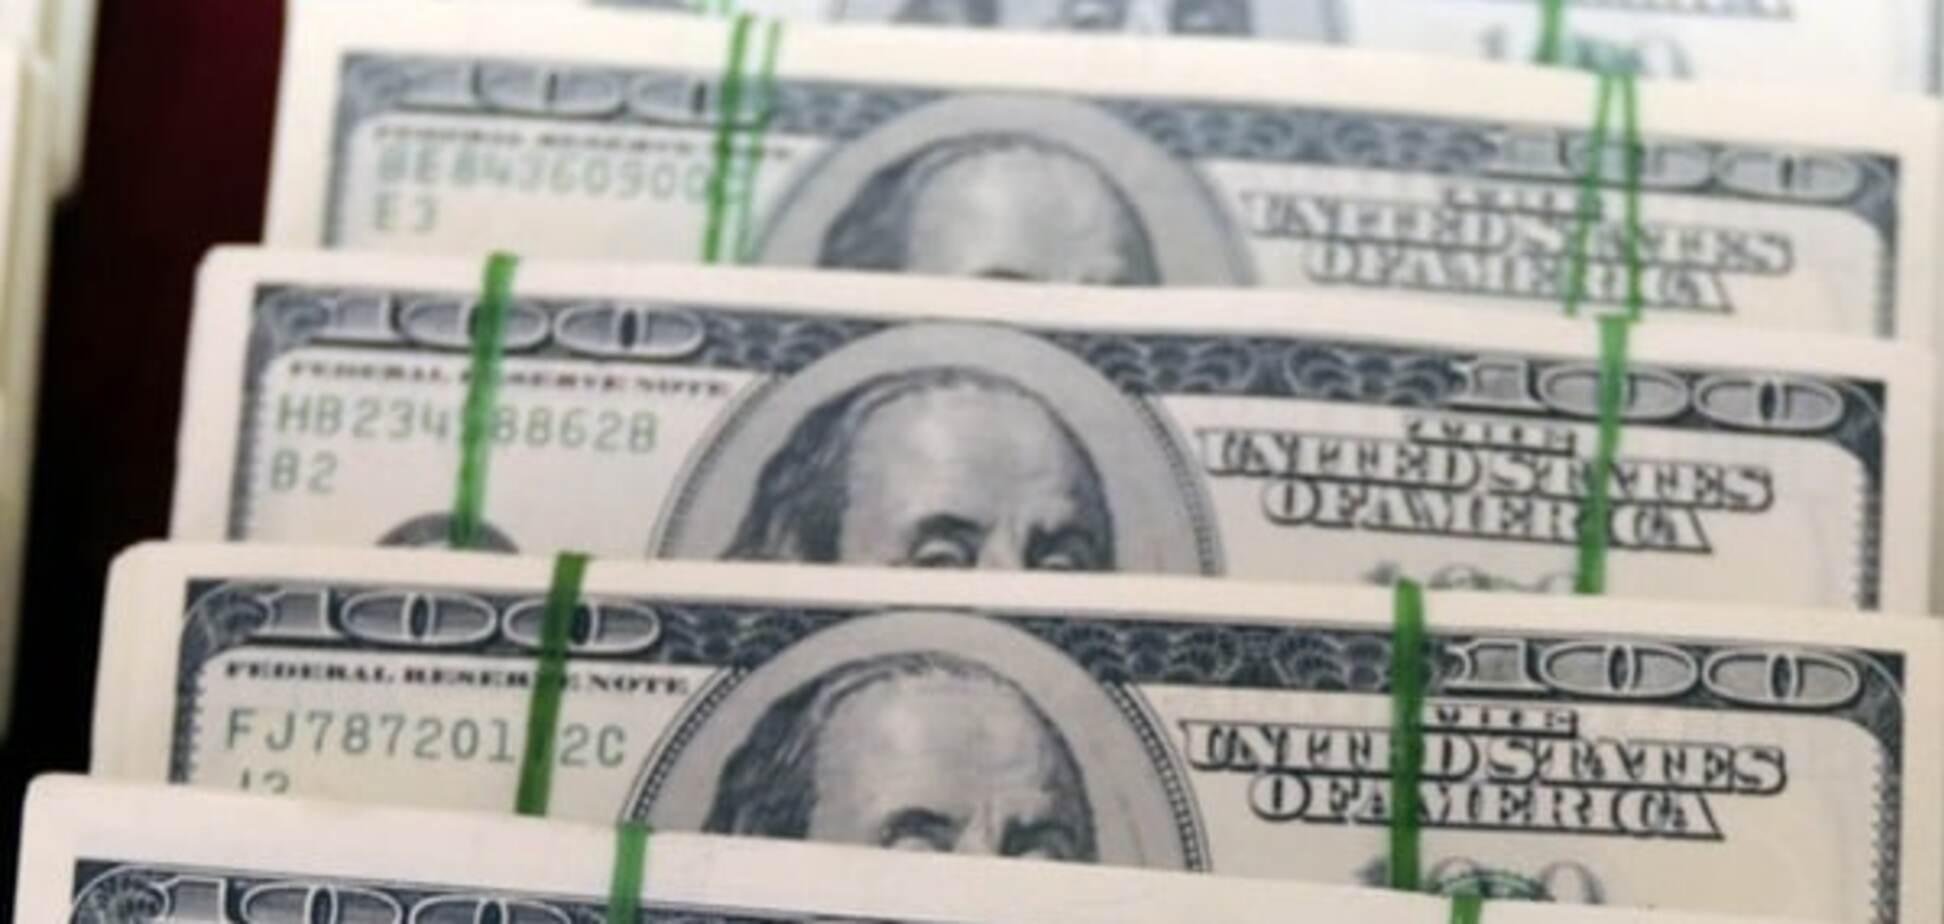 Причины и следствия: аналитики объяснили, почему доллар продолжит расти в Украине